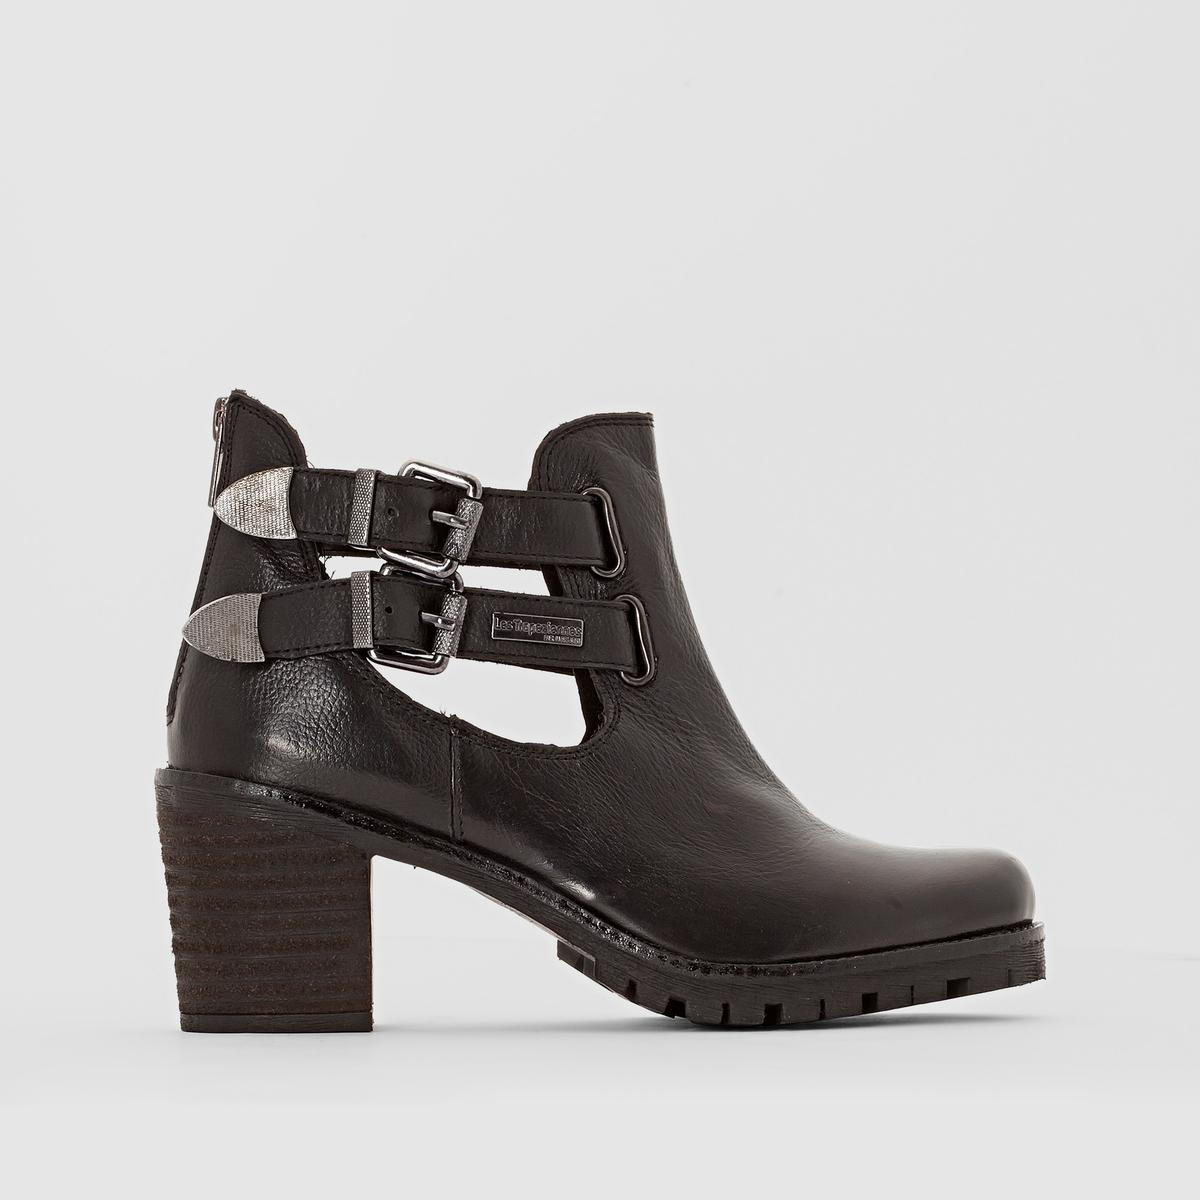 Ботильоны кожаные на каблуке, LUMINAПодкладка: Текстиль.            Стелька: Кожа.           Подошва: Синтетический материал.         Форма каблука: Широкая.  Мысок: Круглый.       Застежка: На молнию.<br><br>Цвет: черный